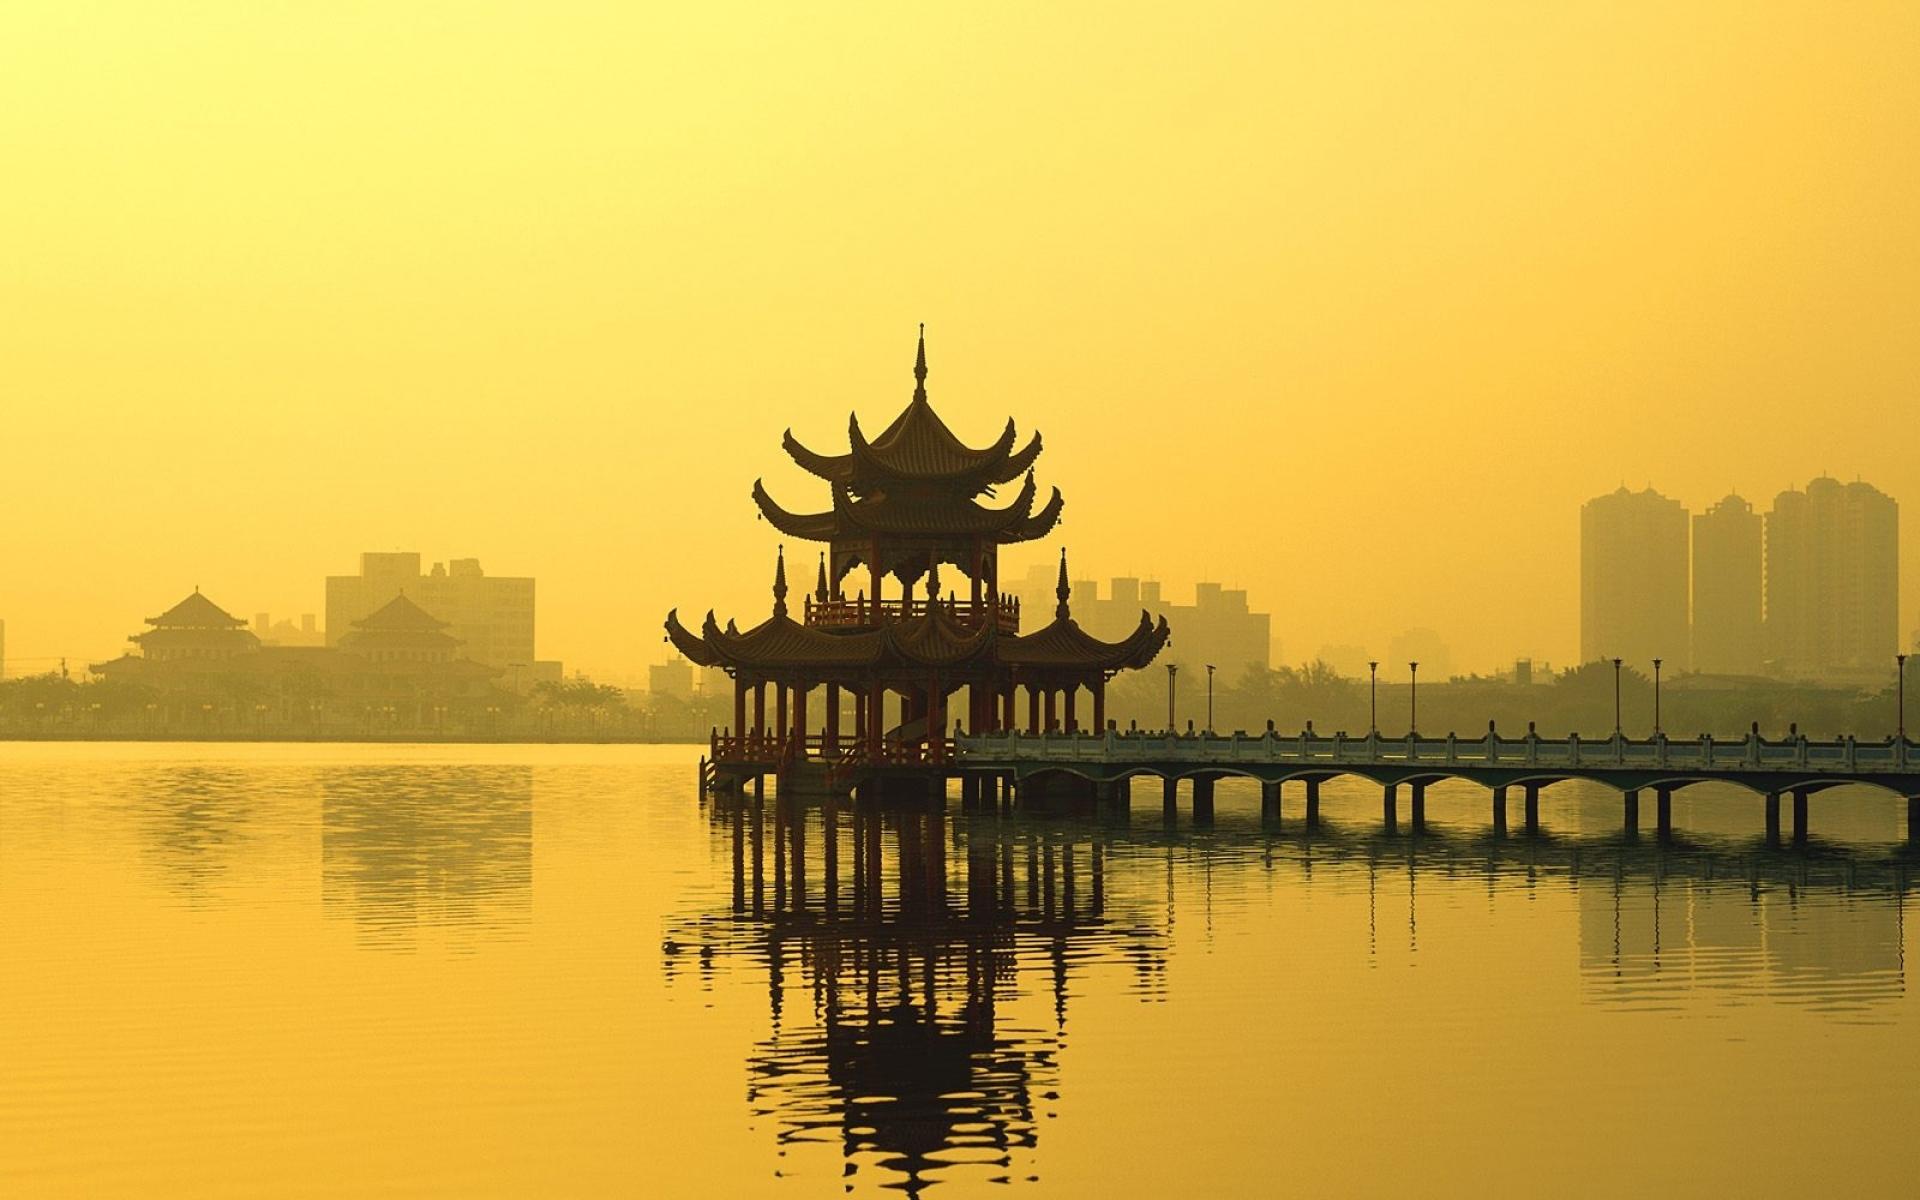 Картинки Лотос, озеро, kaohsiung, тайвань фото и обои на рабочий стол